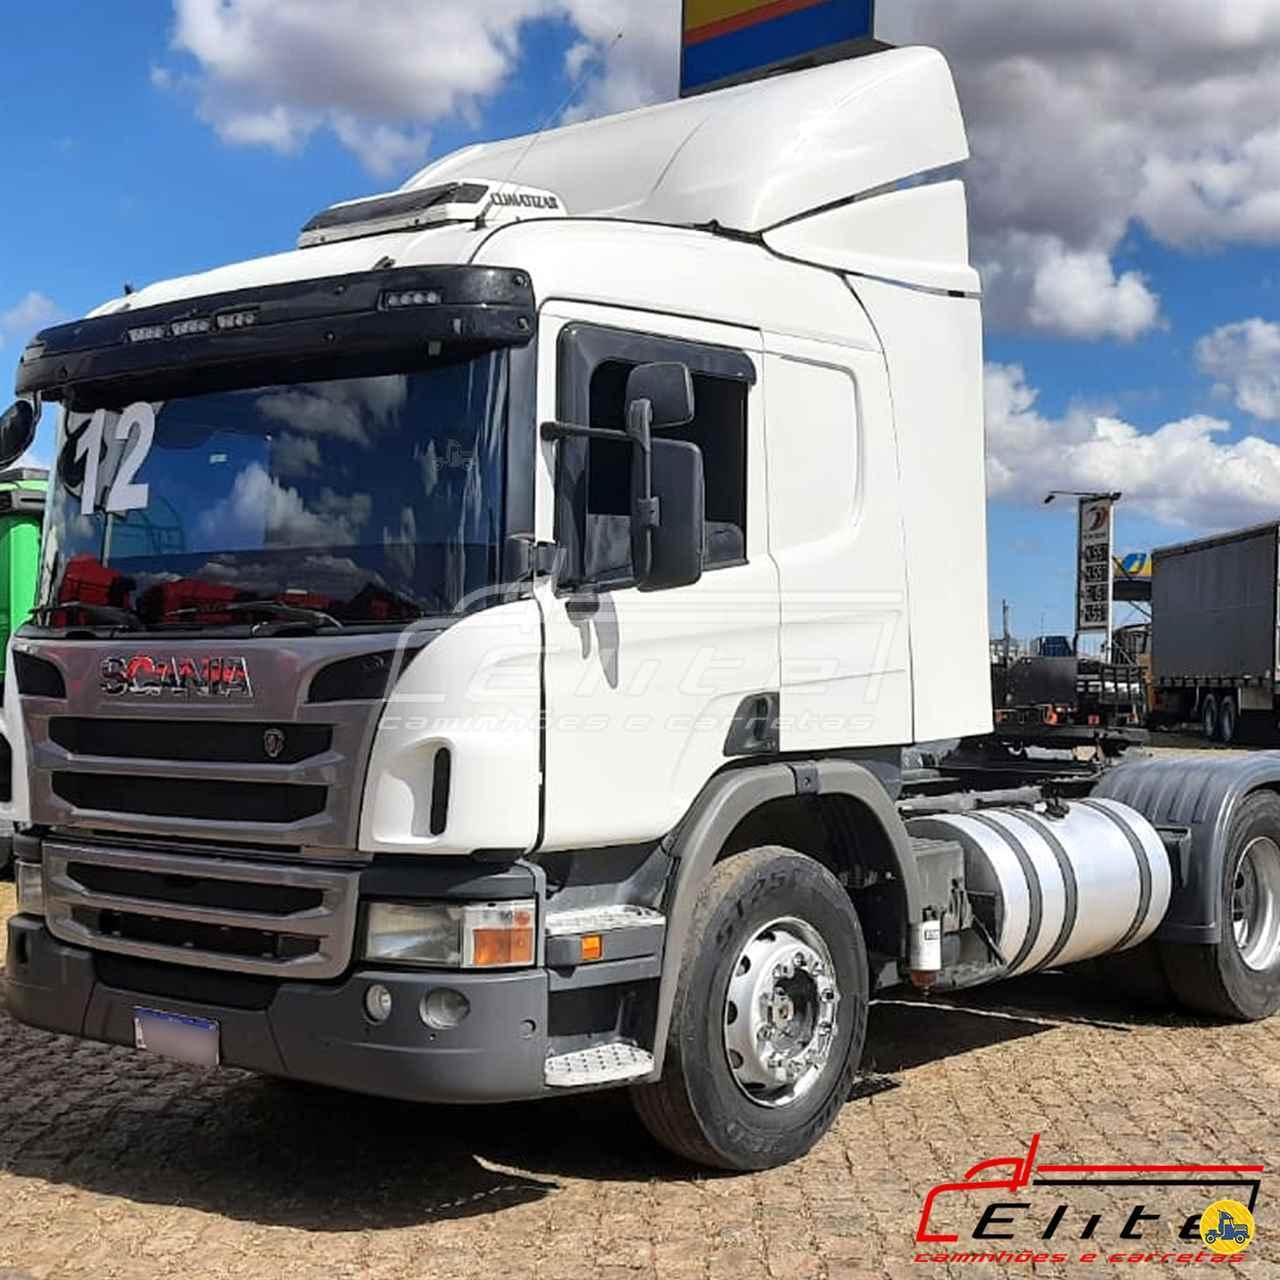 SCANIA P360 de Elite Caminhões - ESTIVA/MG